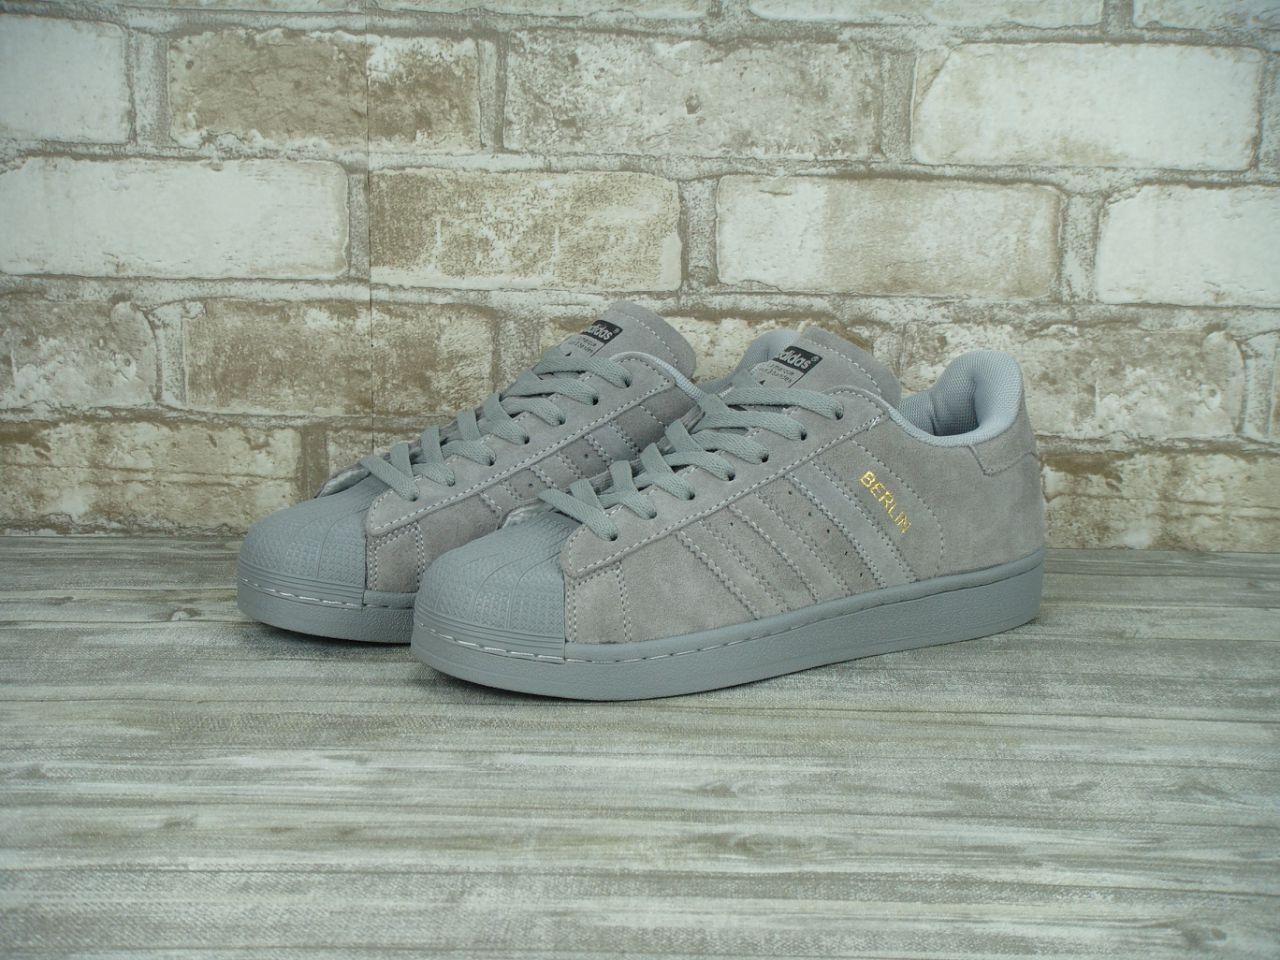 Женские кроссовки Adidas Superstar Grey серые топ реплика